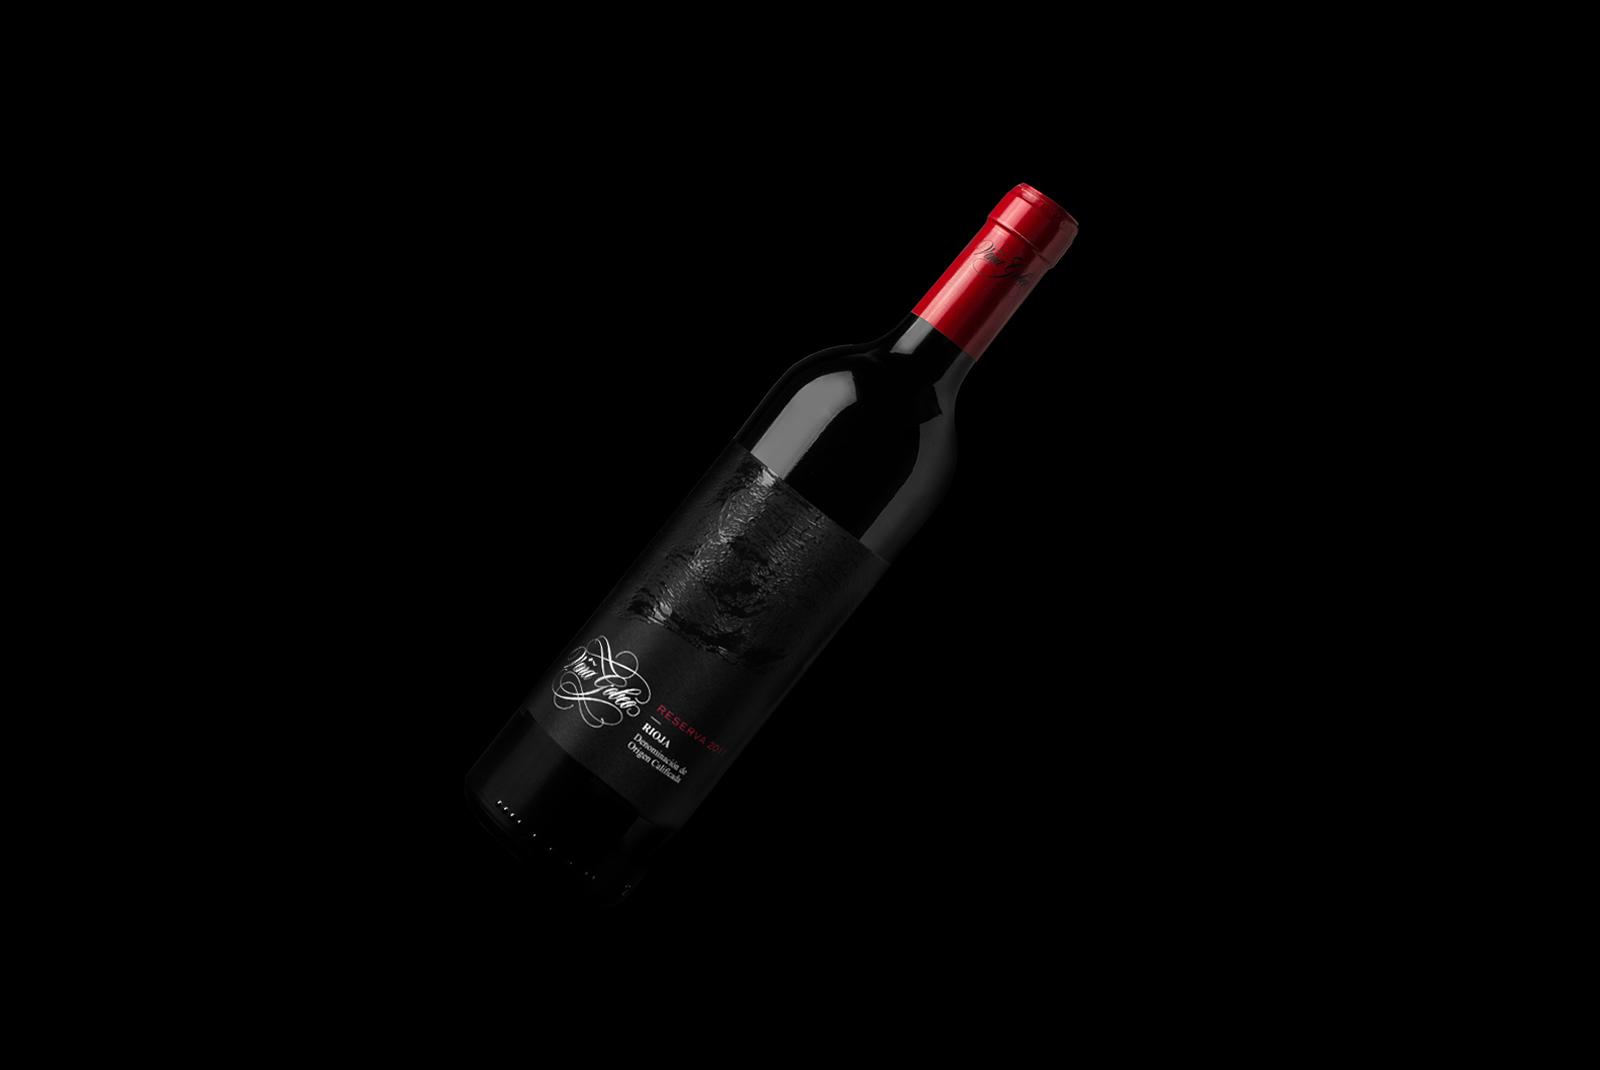 Fotografía y diseño de la etiqueta de vino Viña Gobeo.